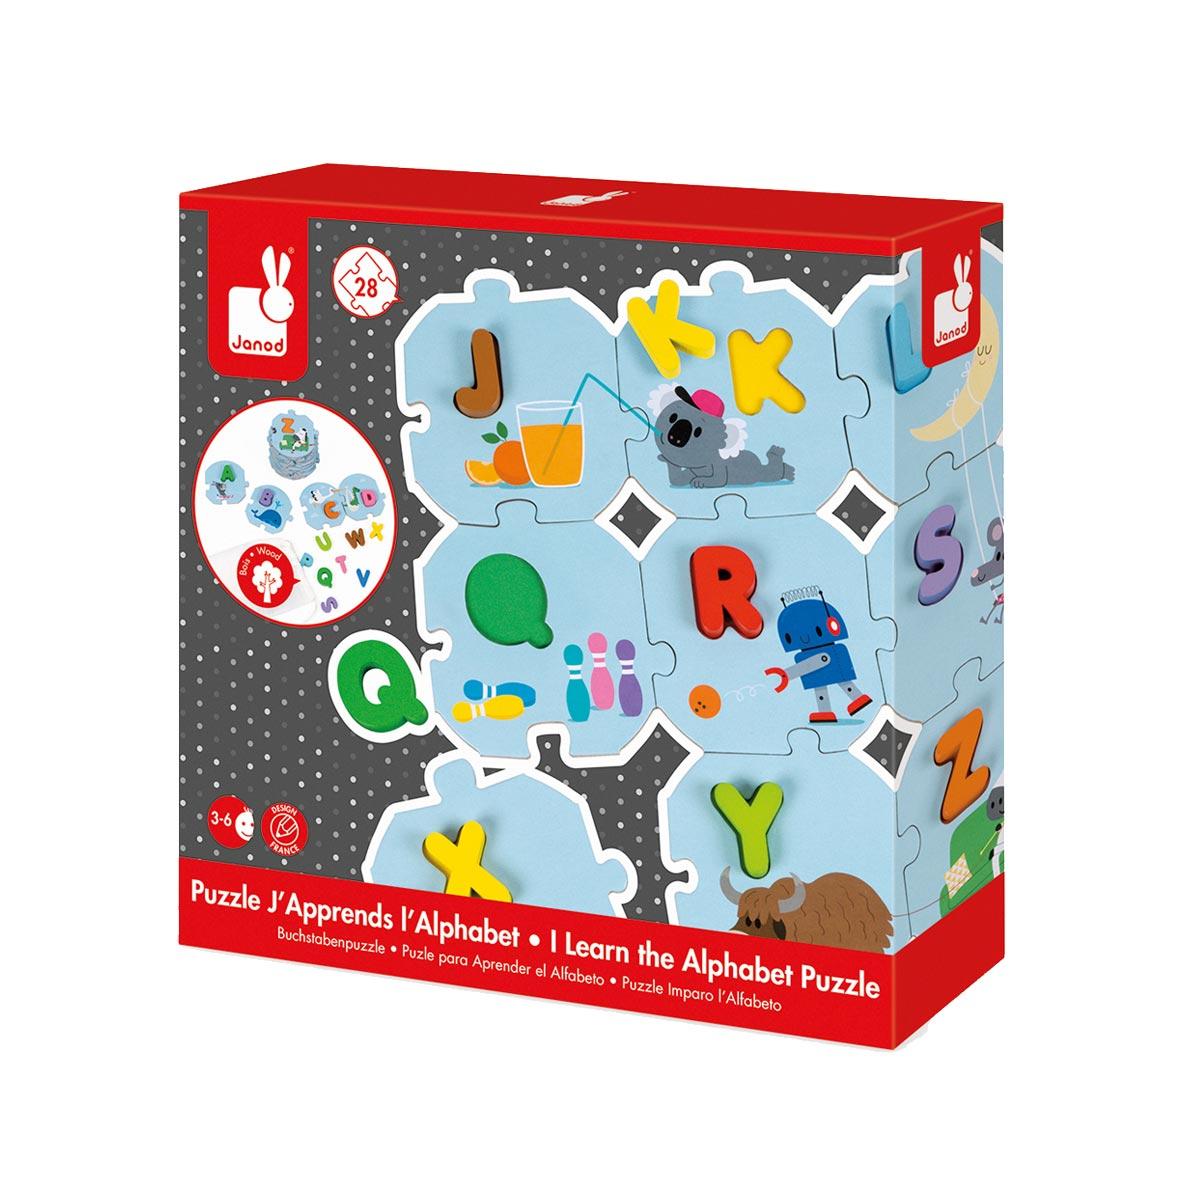 Puzzle J'apprends L'alphabet avec Jeux Gratuits Pour Bebe De 3 Ans